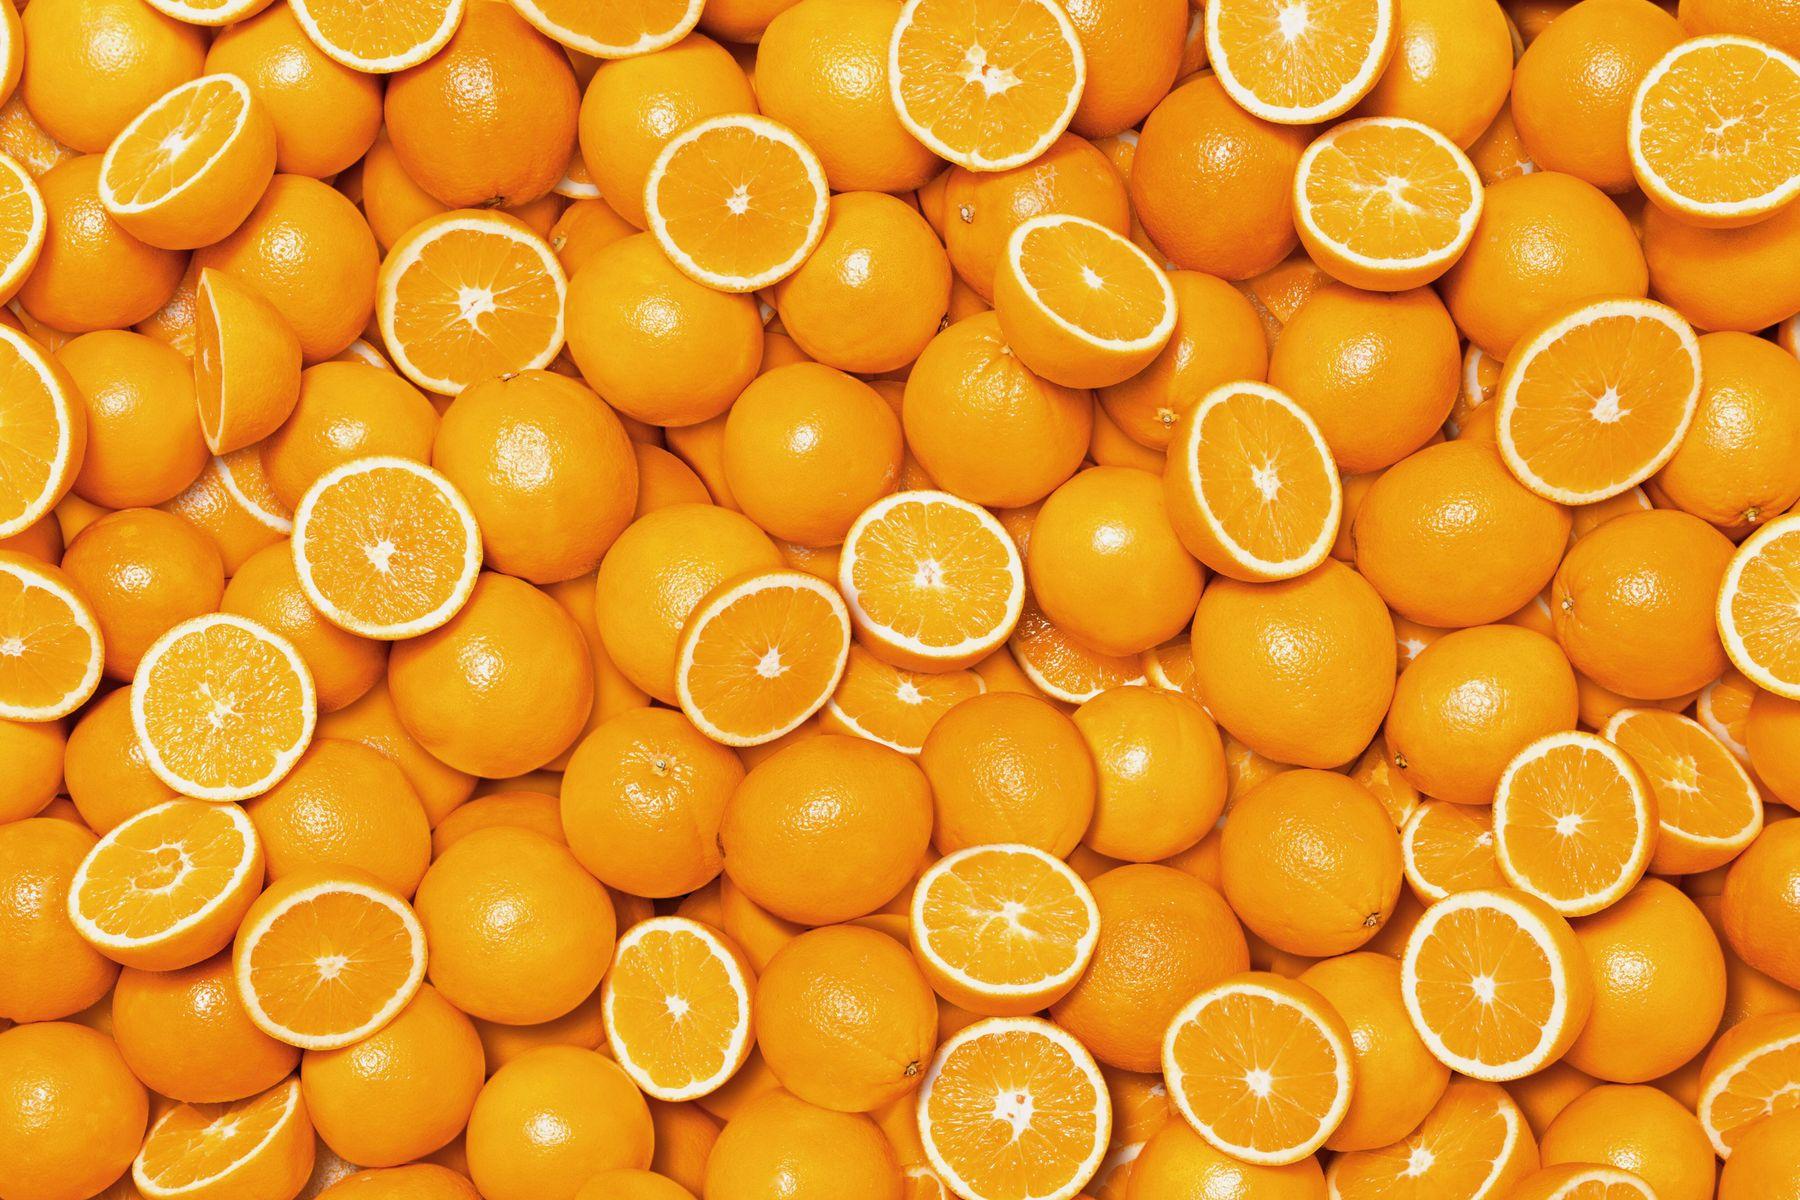 Cách đuổi ruồi bằng mùi hương tinh dầu trong vỏ cam, vỏ chanh